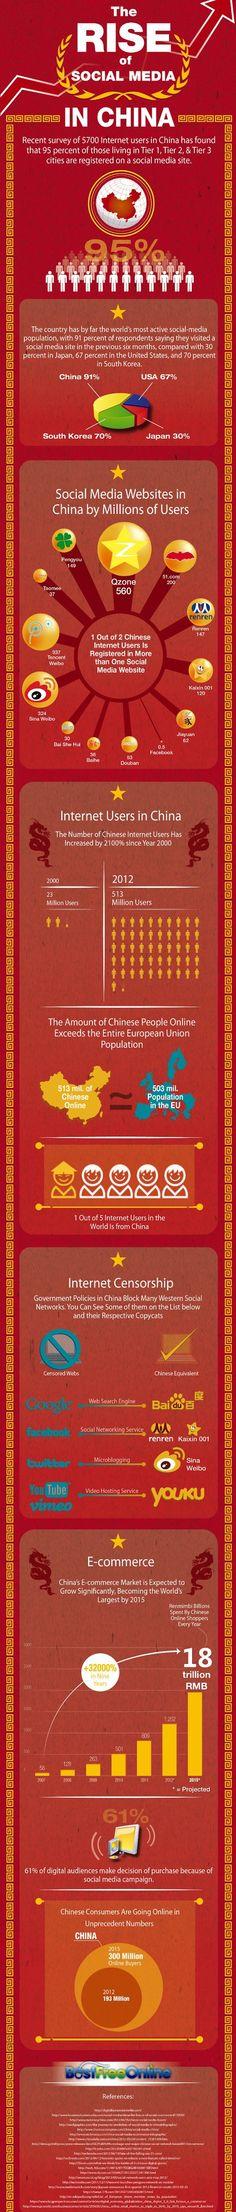 . #infografia: 307 milliones de chinos al a espera de la social media 2012